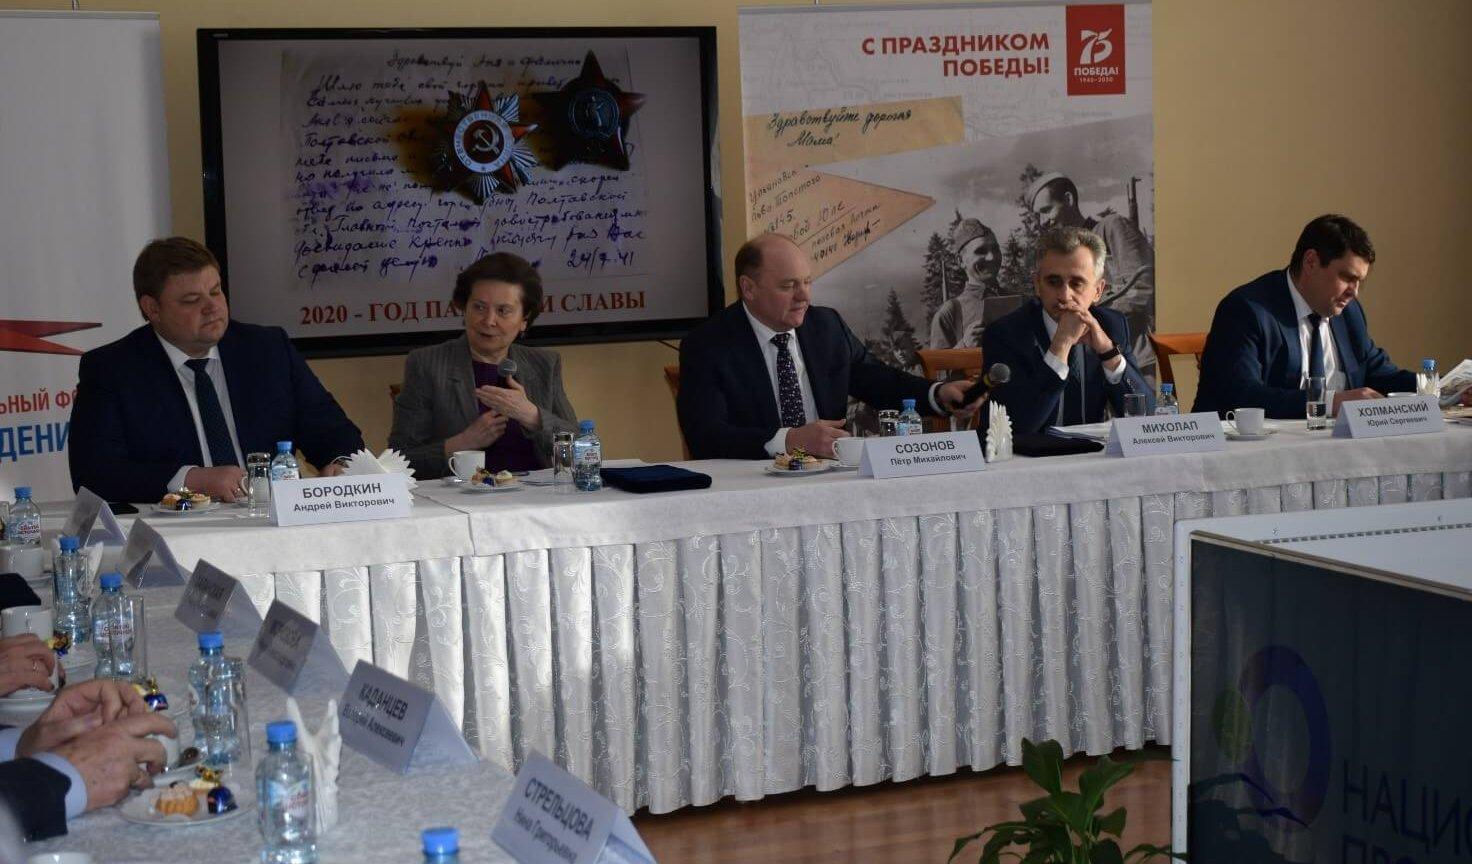 Круглый стол с Губернатором ХМАО-Югры Натальей Комаровой